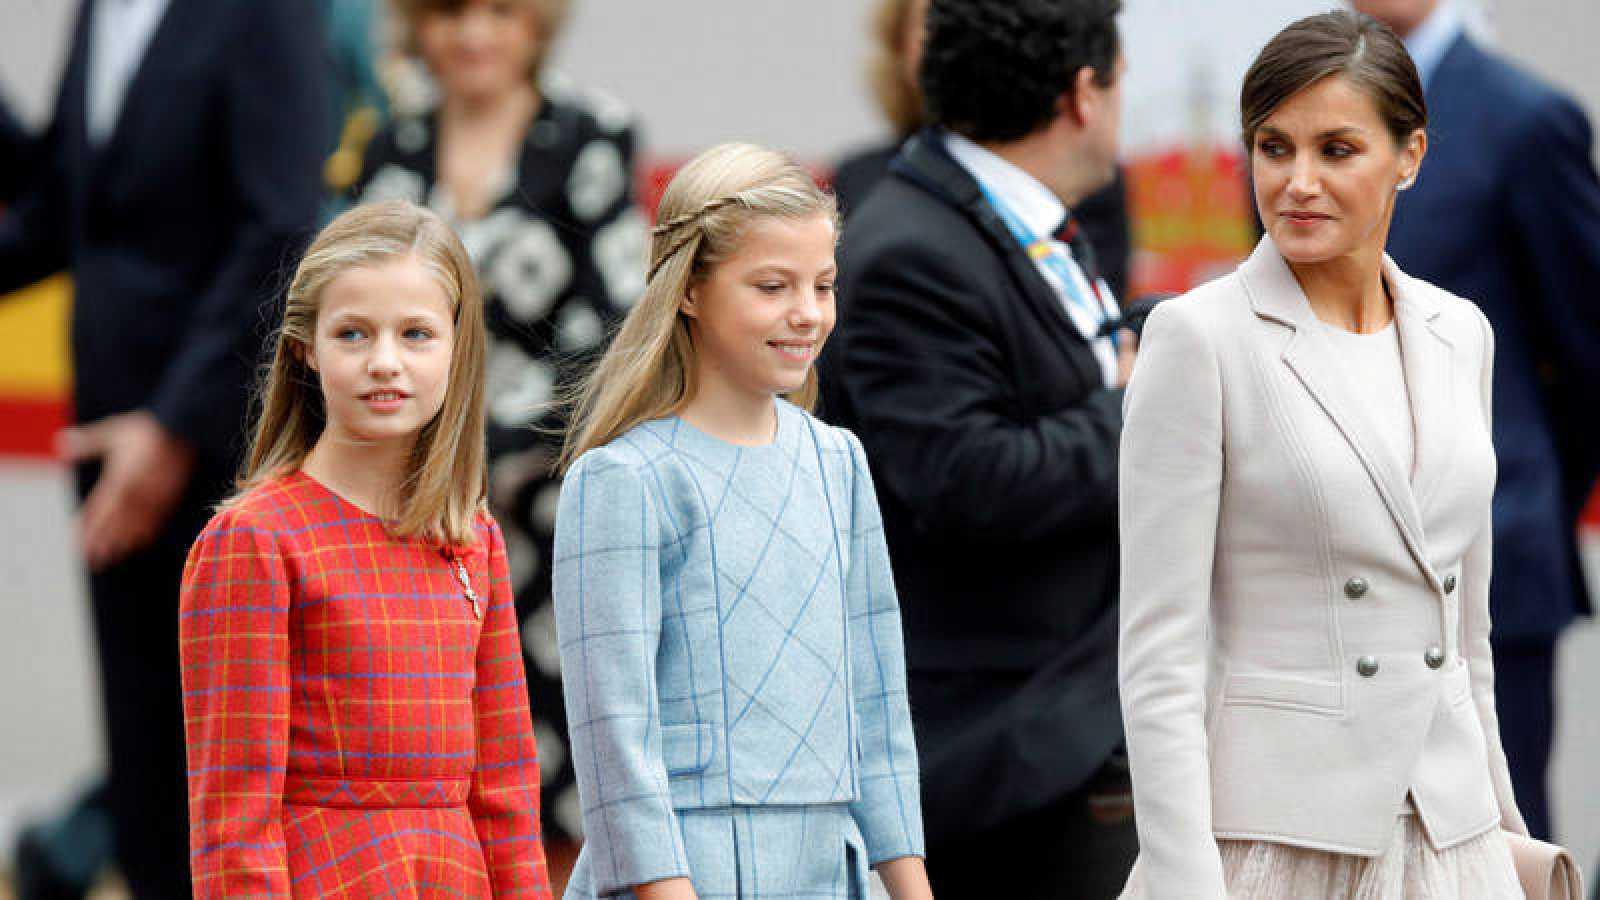 La reina Letizia, junto a sus hijas, la princesa Leonor, y la infanta Sofía, a su llegada al desfile con motivo del 12 de octubre